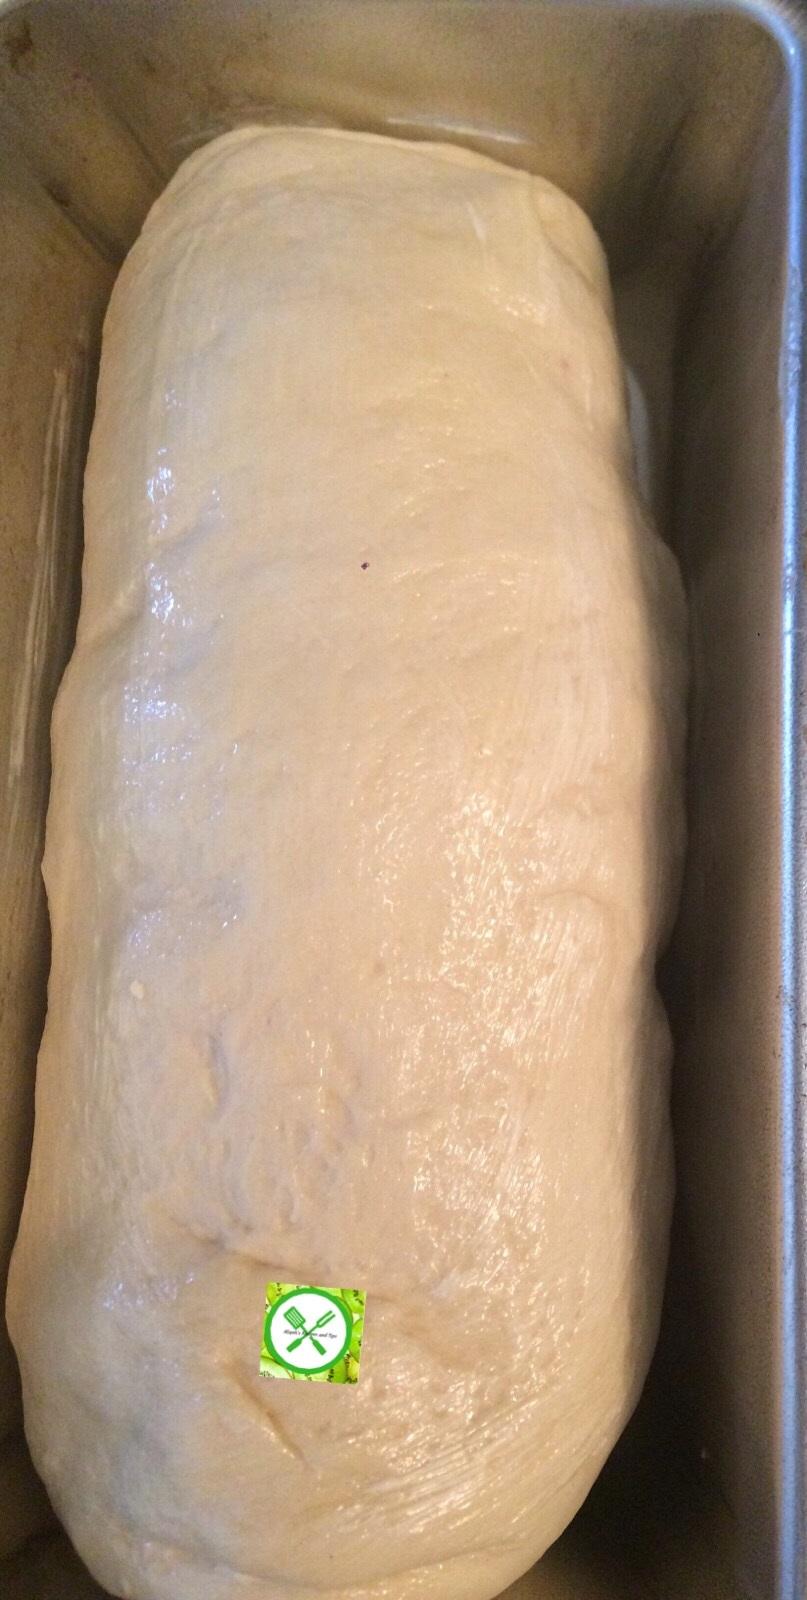 White sandwich bread in a pan